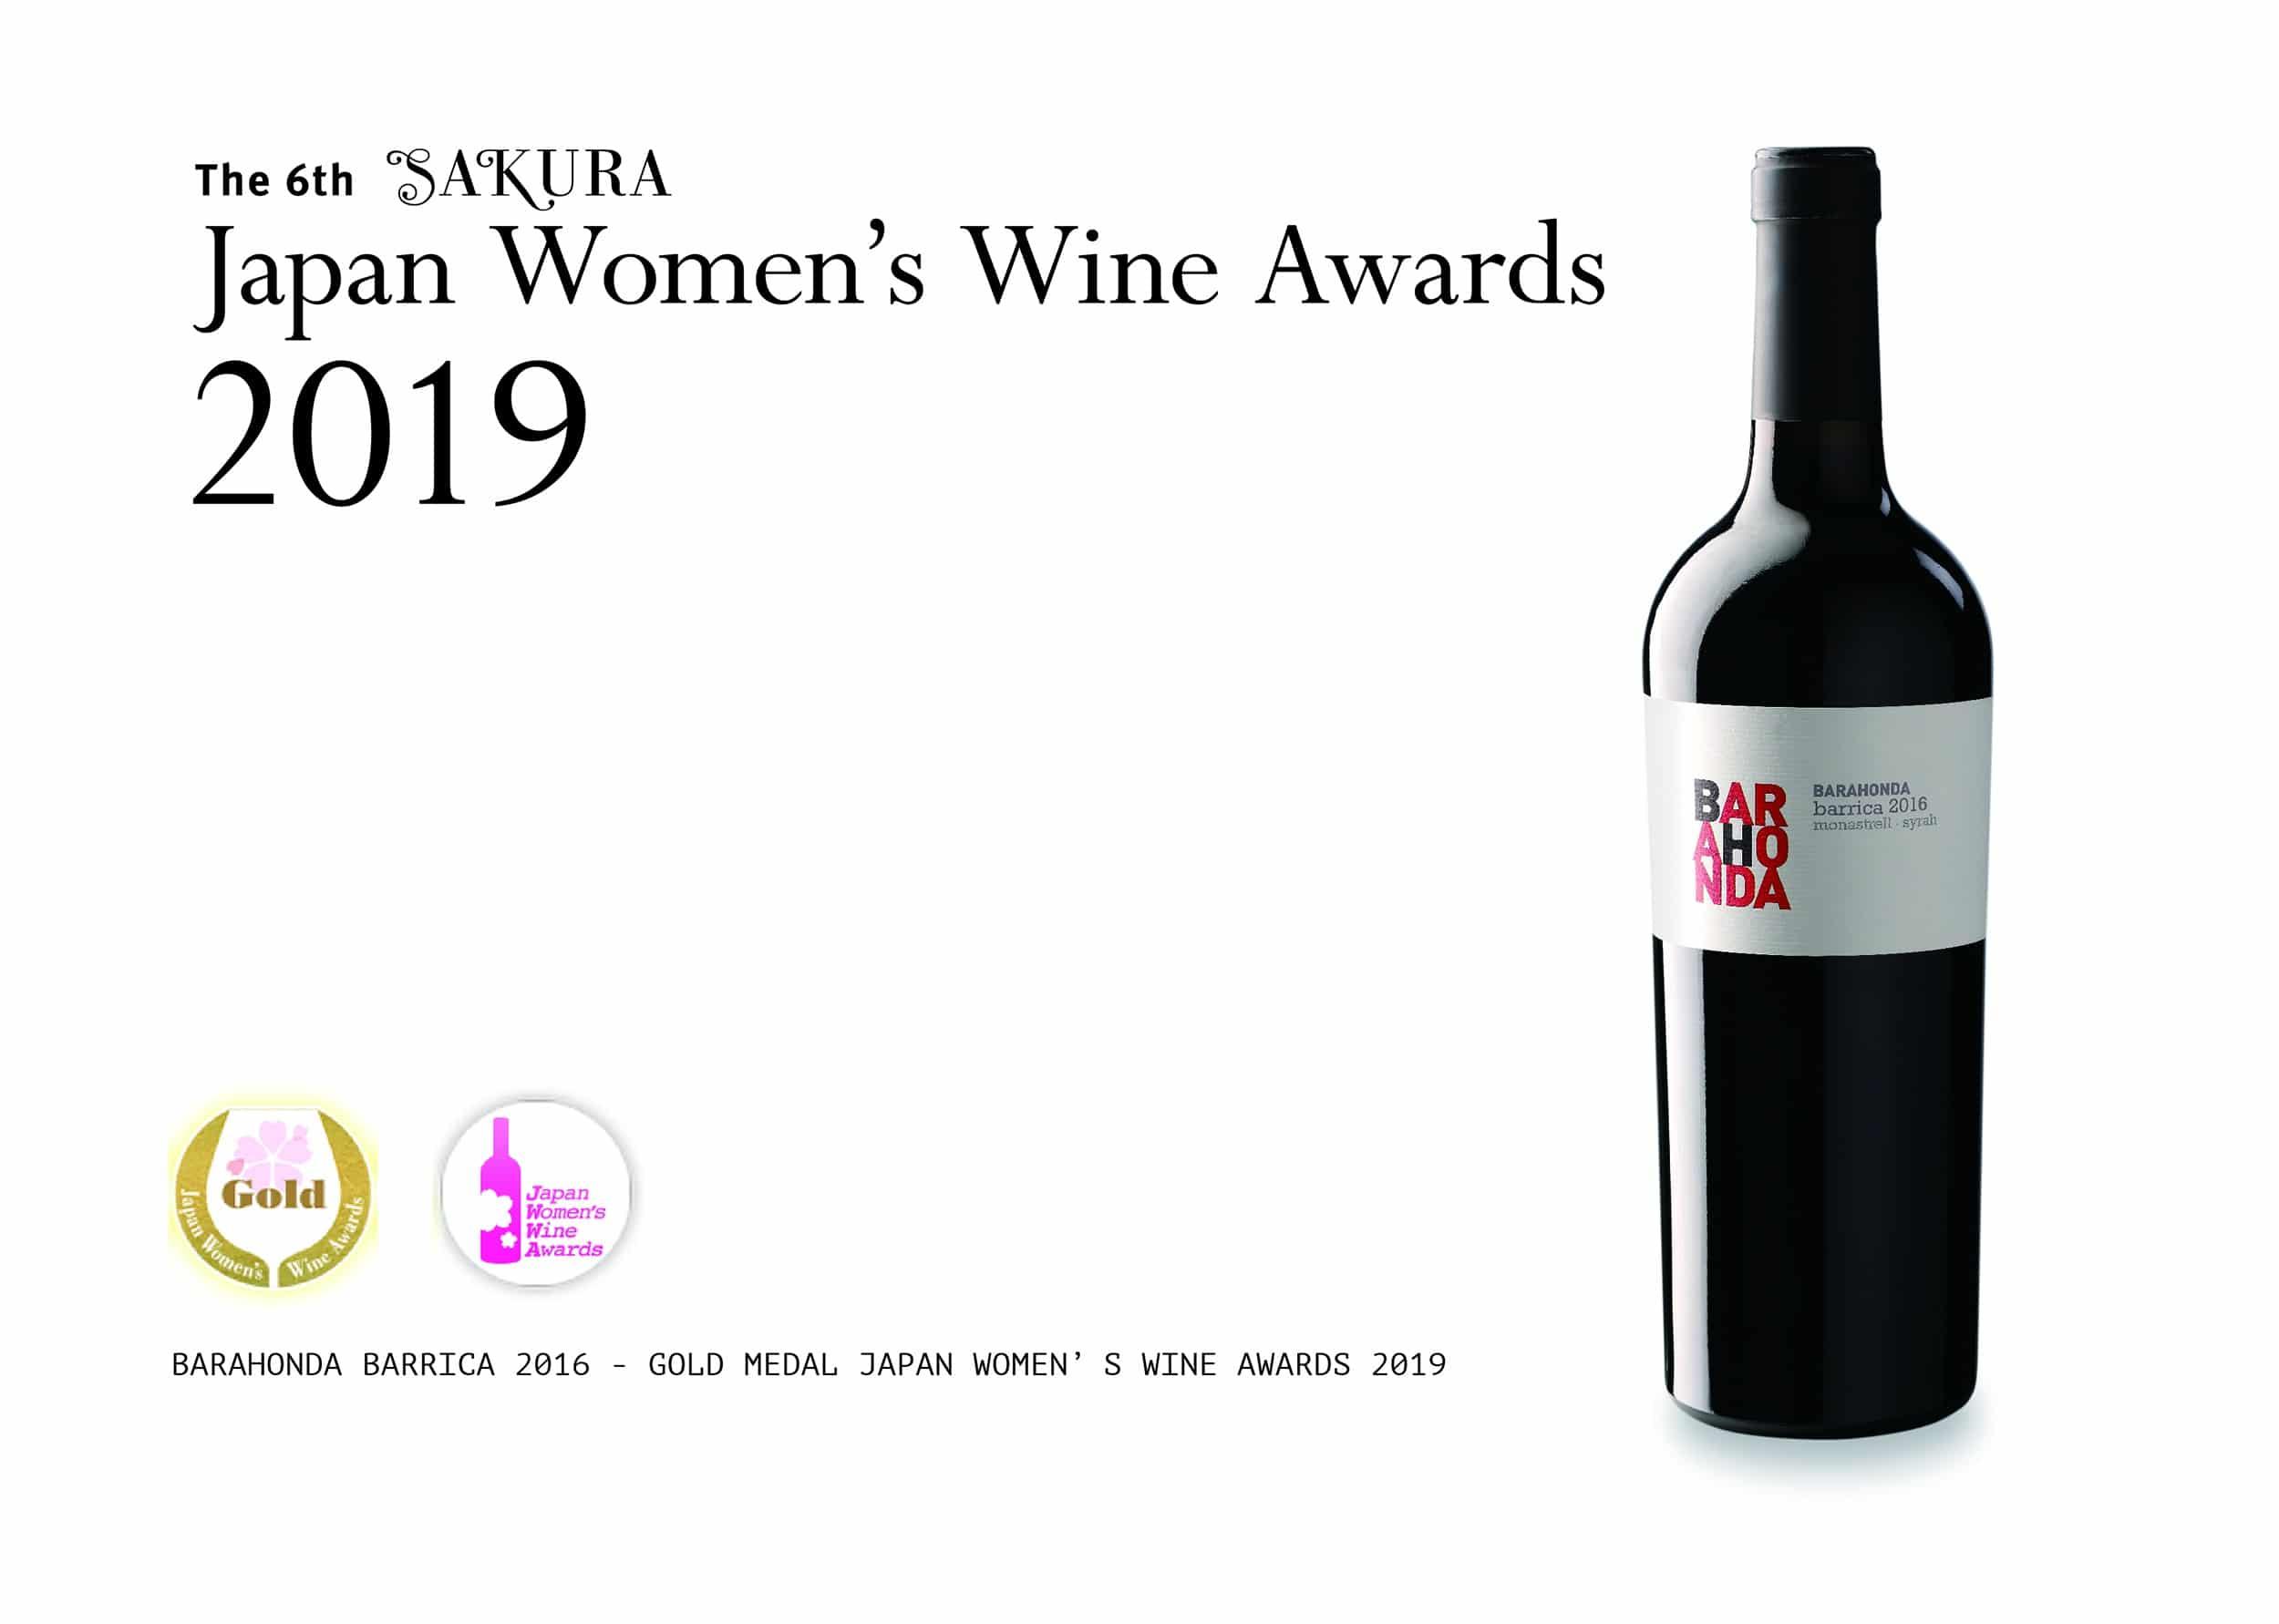 El vino Barahonda Barrica 2016 ha sido premiado en Japón por un jurado de mujeres